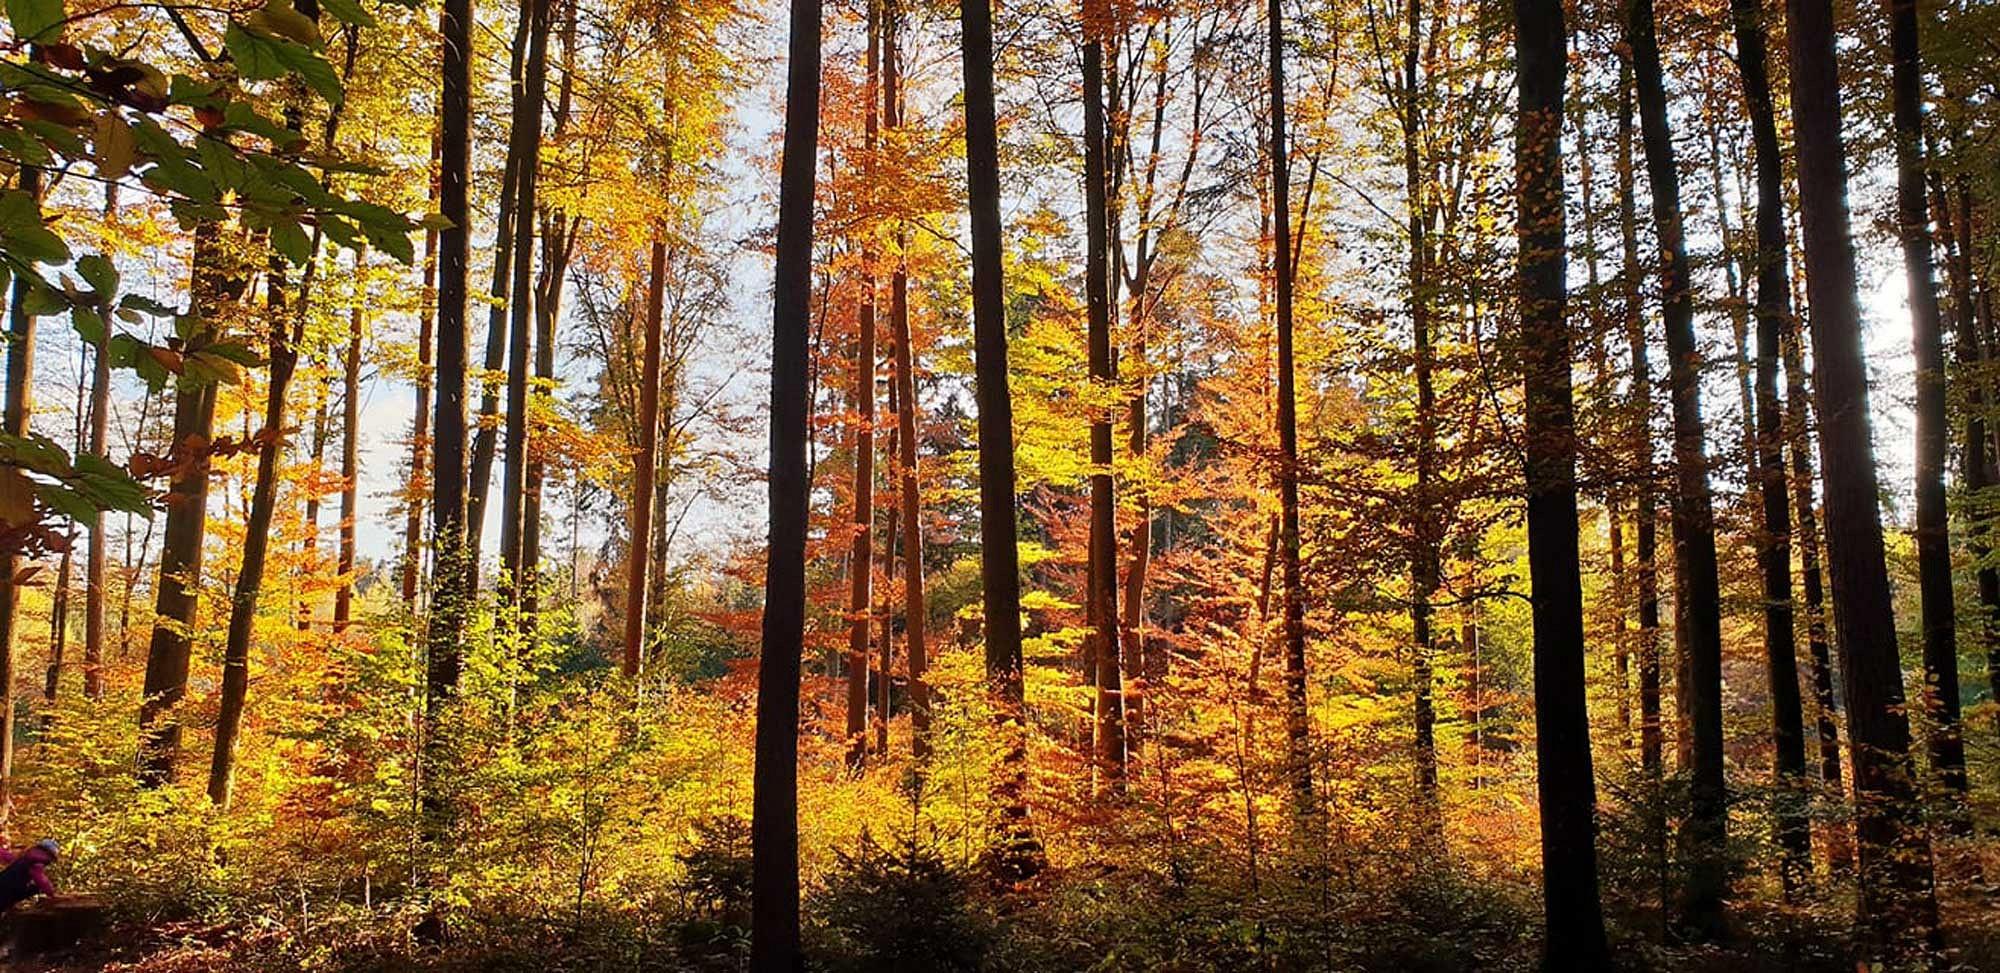 pspan-stylefont-familyGeorgiaserifEin-wunderschoumlnernbspHerbstwald---fotografiert-von-Facebook-Nutzerin-Katrin-Wycik-bei-einem-Spaziergang-mit-den-Kindern-im-Walderlebniszentrum-Schwernfeldspanp